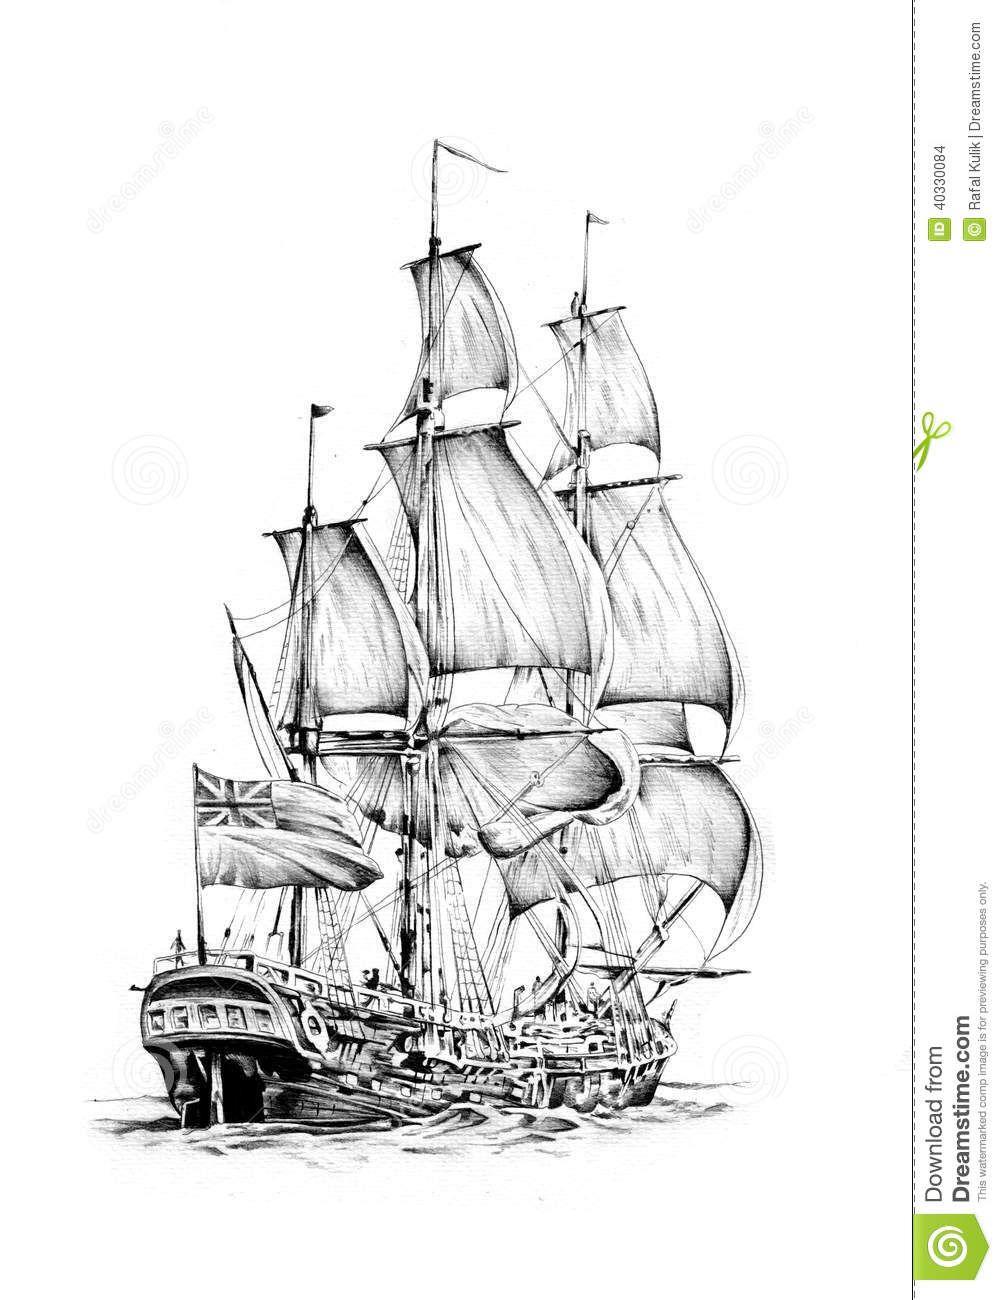 Resultado De Imagen Para Dibujos Hechos A Lapiz Animales Ship Sketch Boat Ocean Art